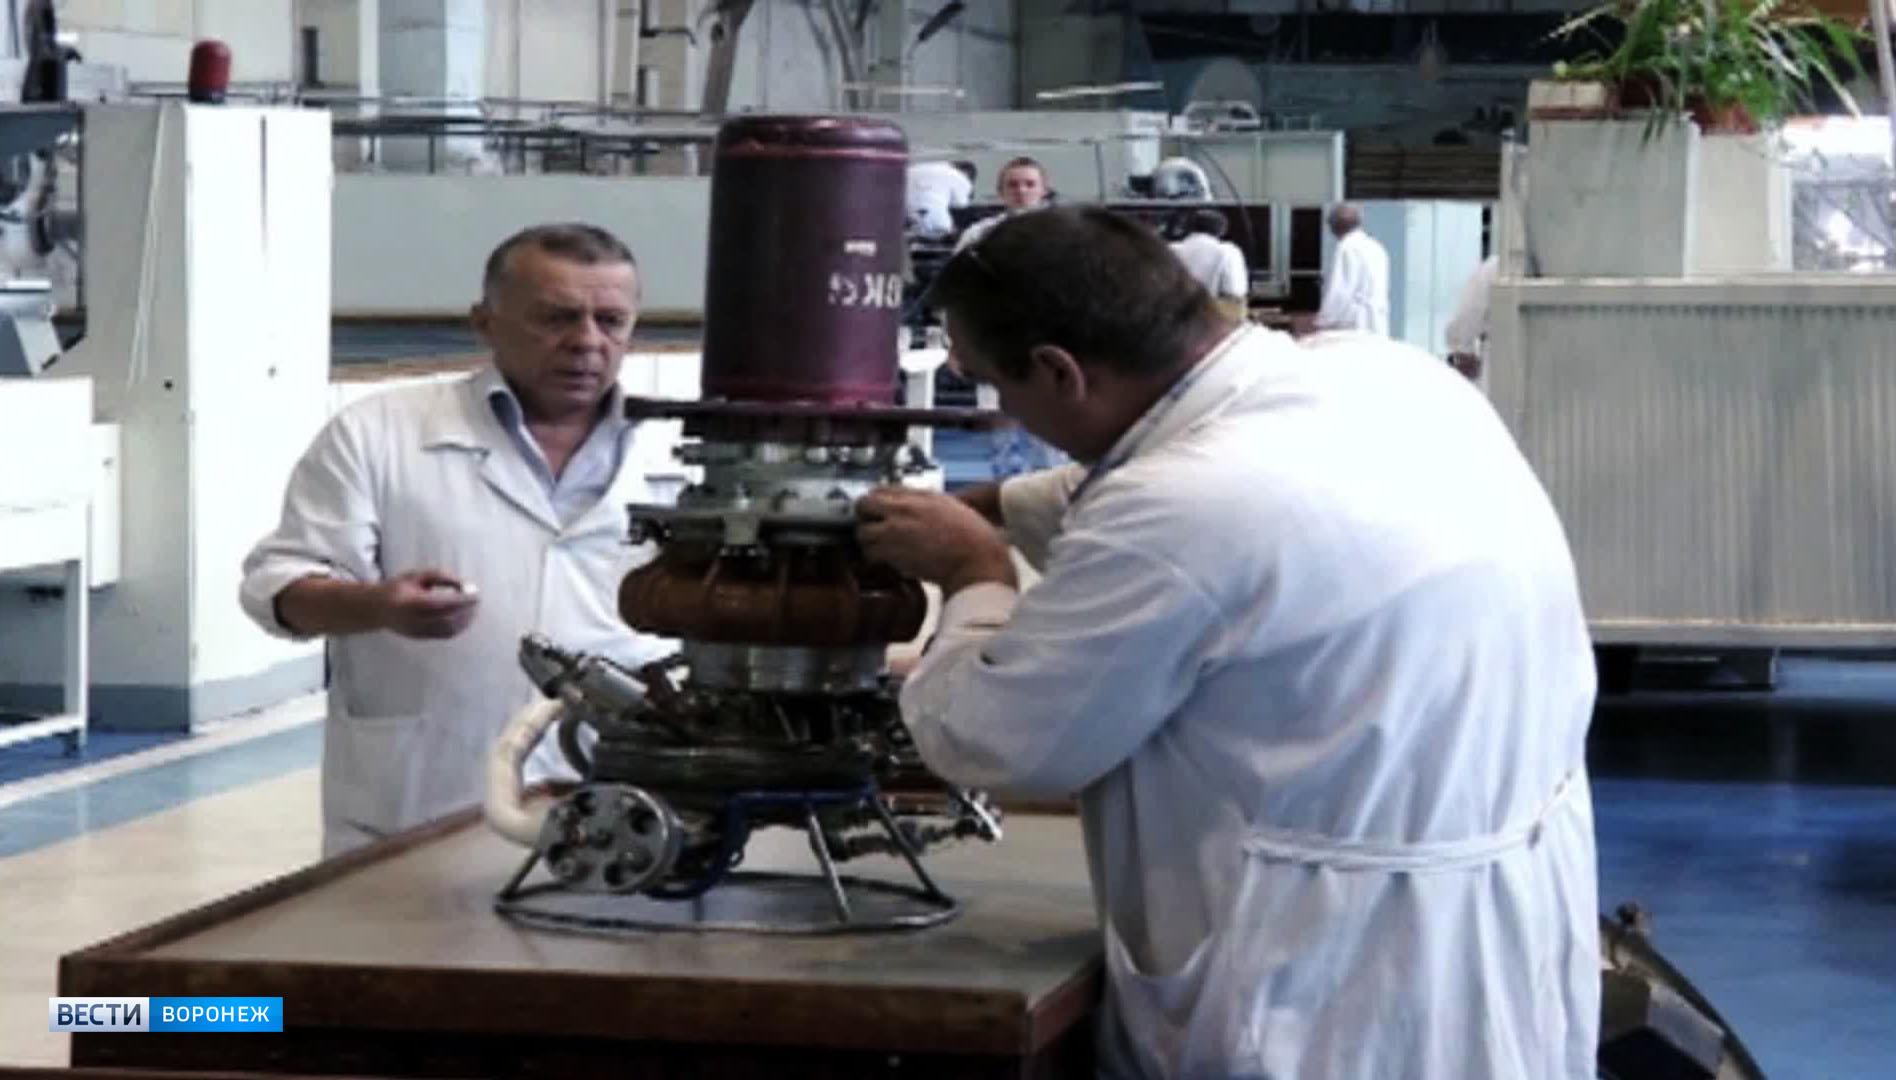 Воронежский мехзавод обязался исправить неполадки в двигателях до начала мая